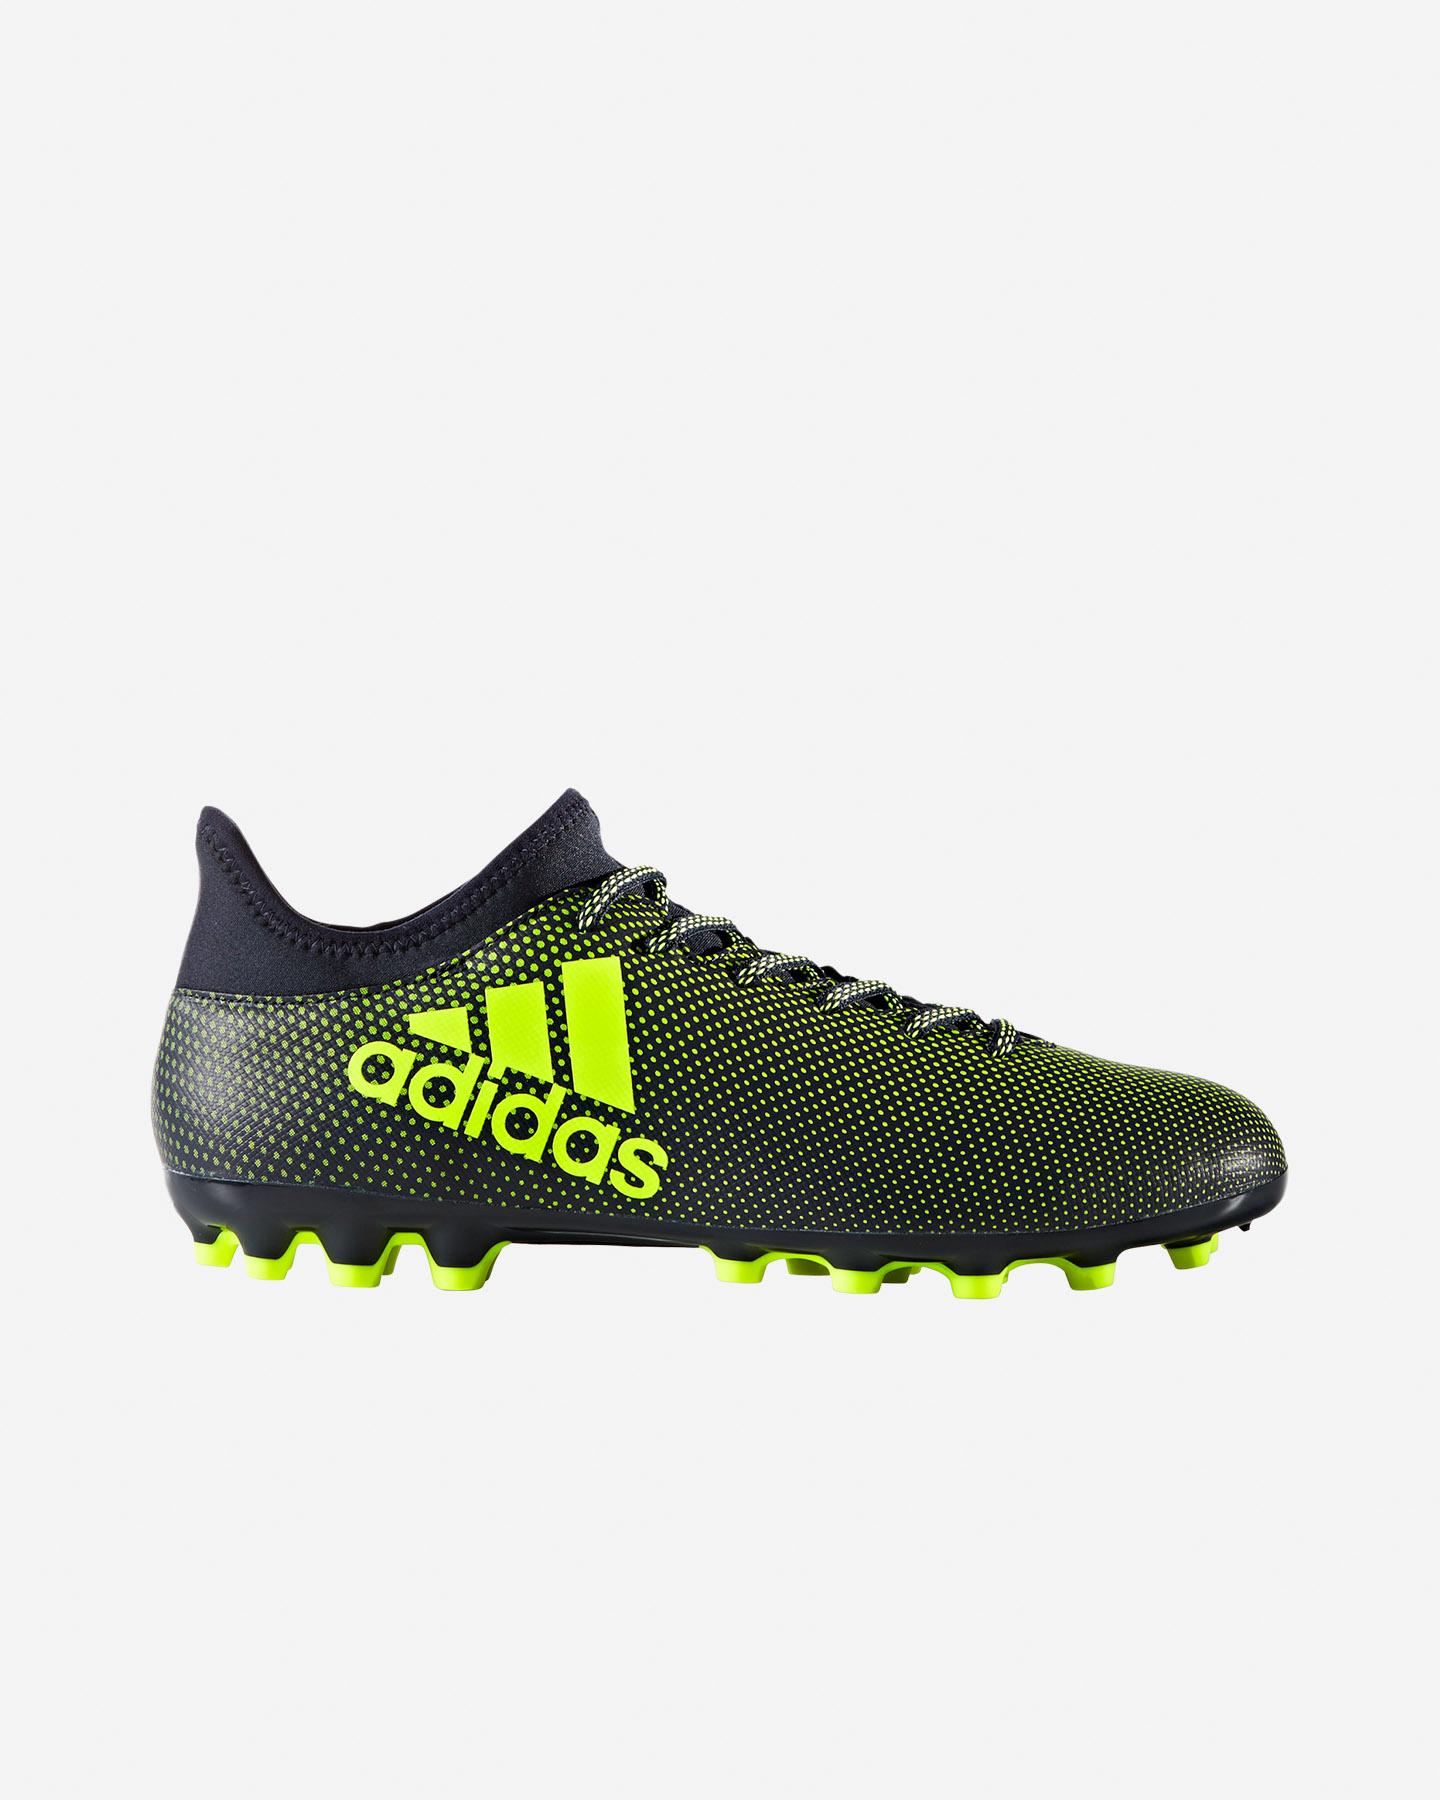 Cisalfa Calcio Wtuqzyqci X 17 By8894 Sport Ag Adidas Su 3 Hqtip Scarpe M vNnOmw8P0y